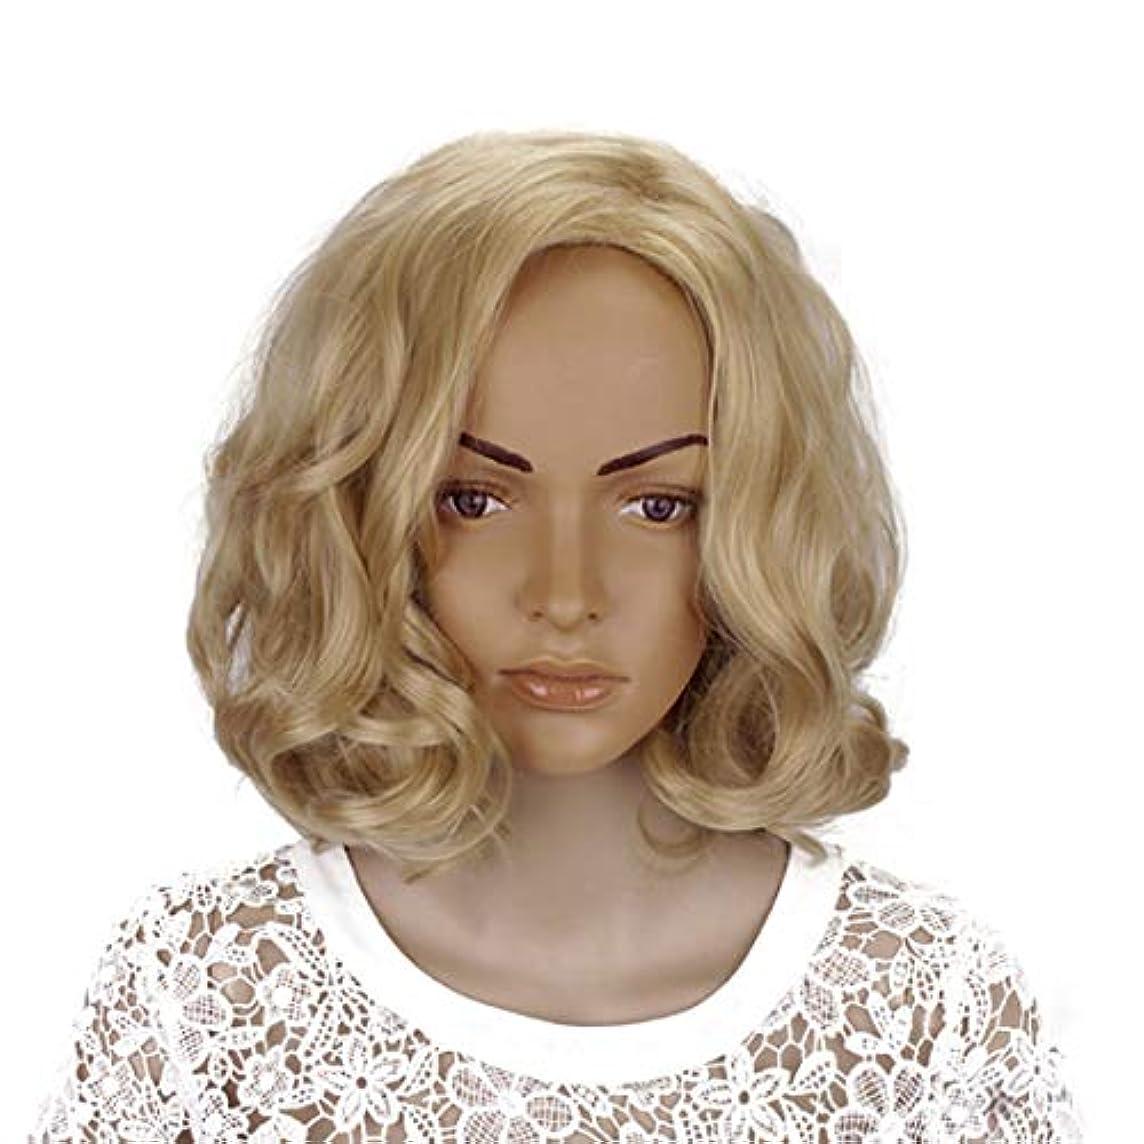 キラウエア山満了スポットYOUQIU 女性のかつらのための傾斜部前髪コスプレ衣装デイリーパーティーウィッグブロンド14インチ女性ボボカーリーの合成 (色 : Blonde, サイズ : 14